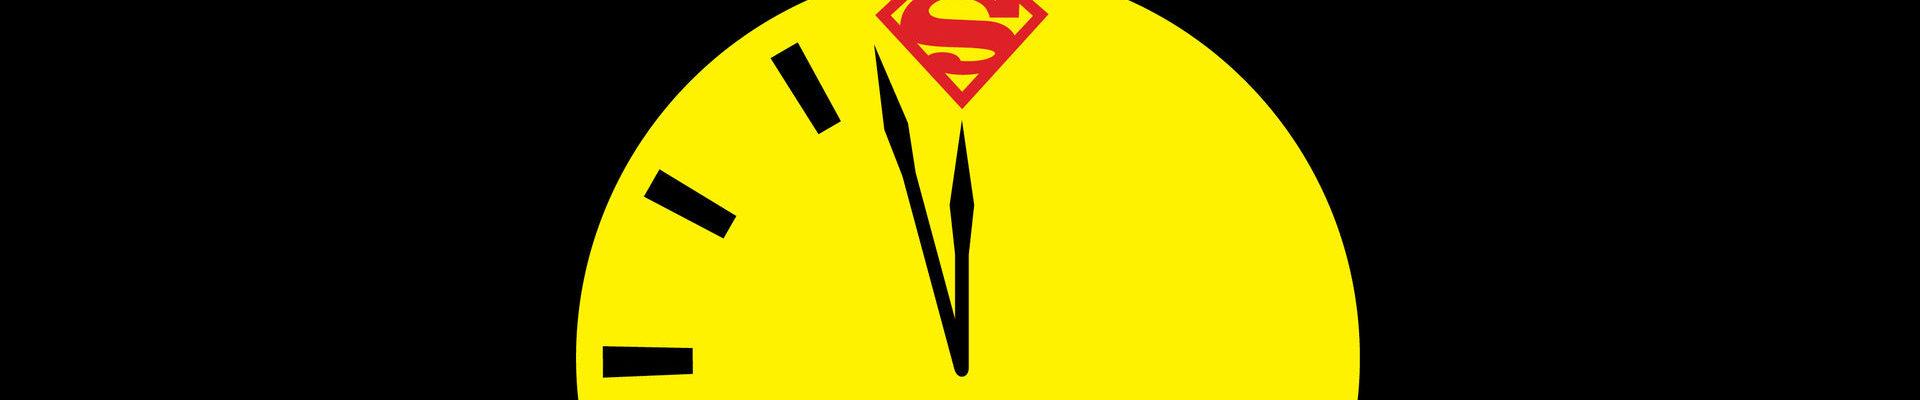 Νew DC Universe